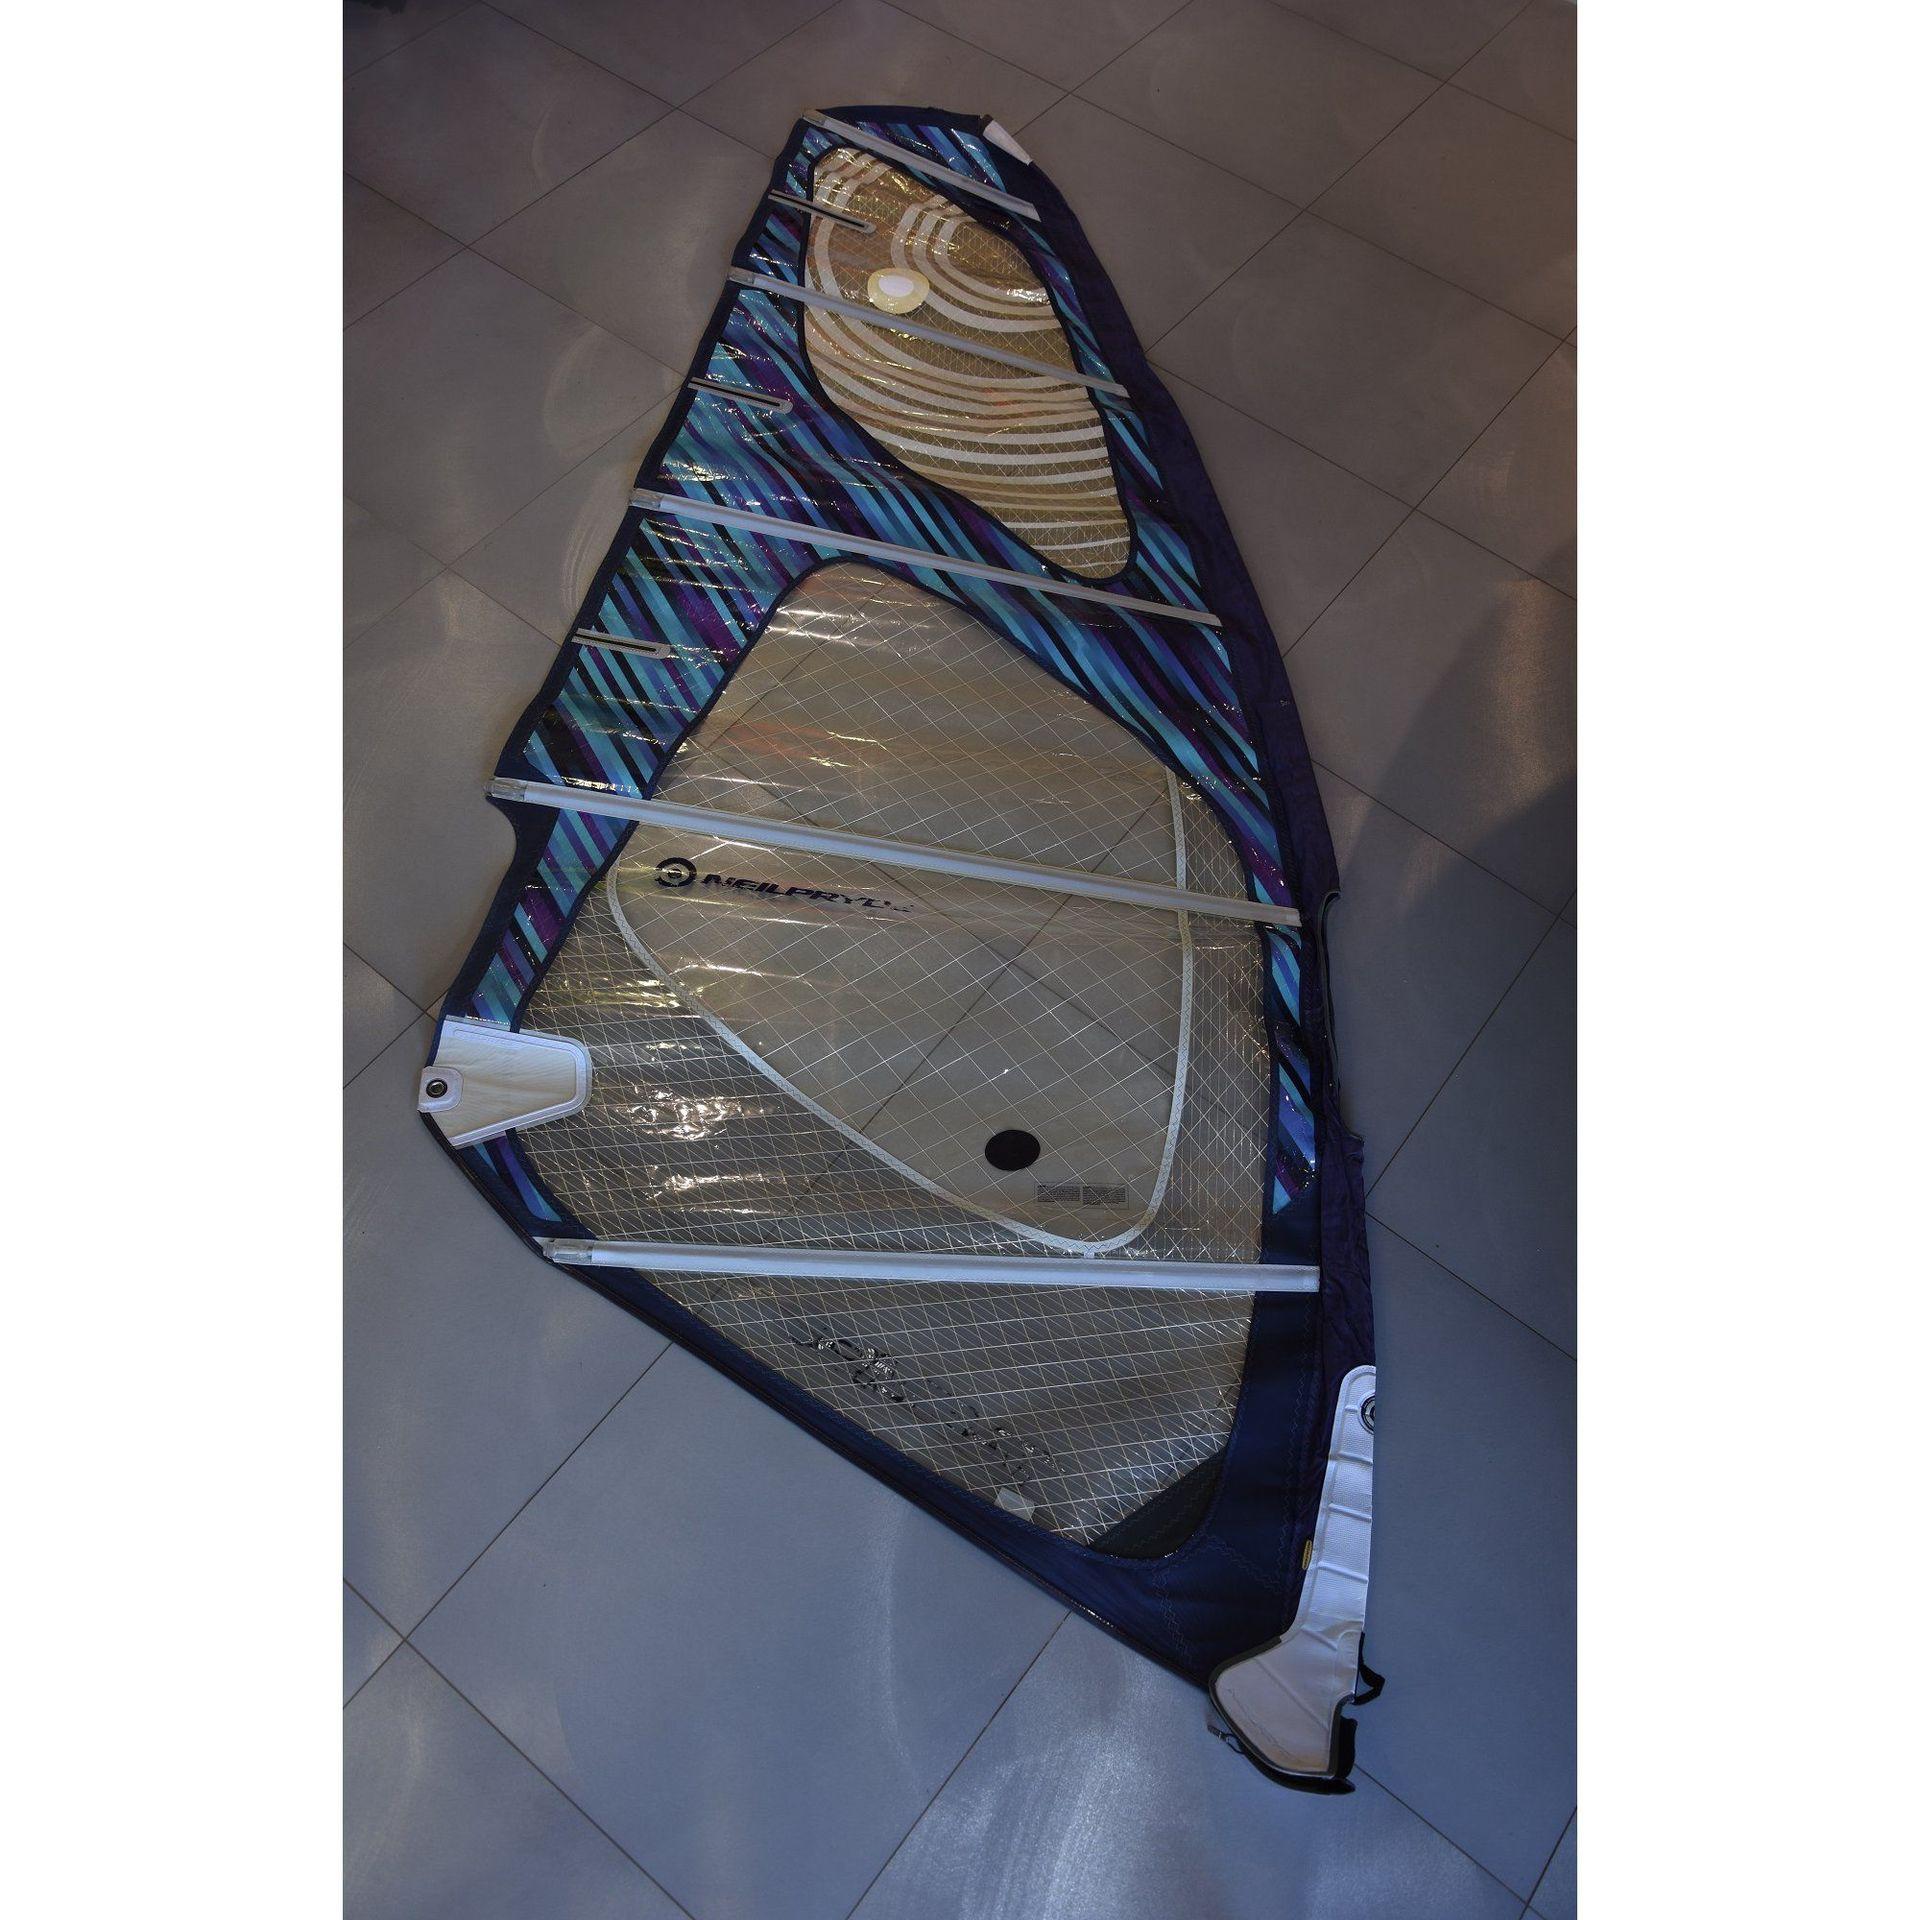 ŻAGIEL NEIL PRYDE COMBAT  2011 4.7 - WAVE  (471154)